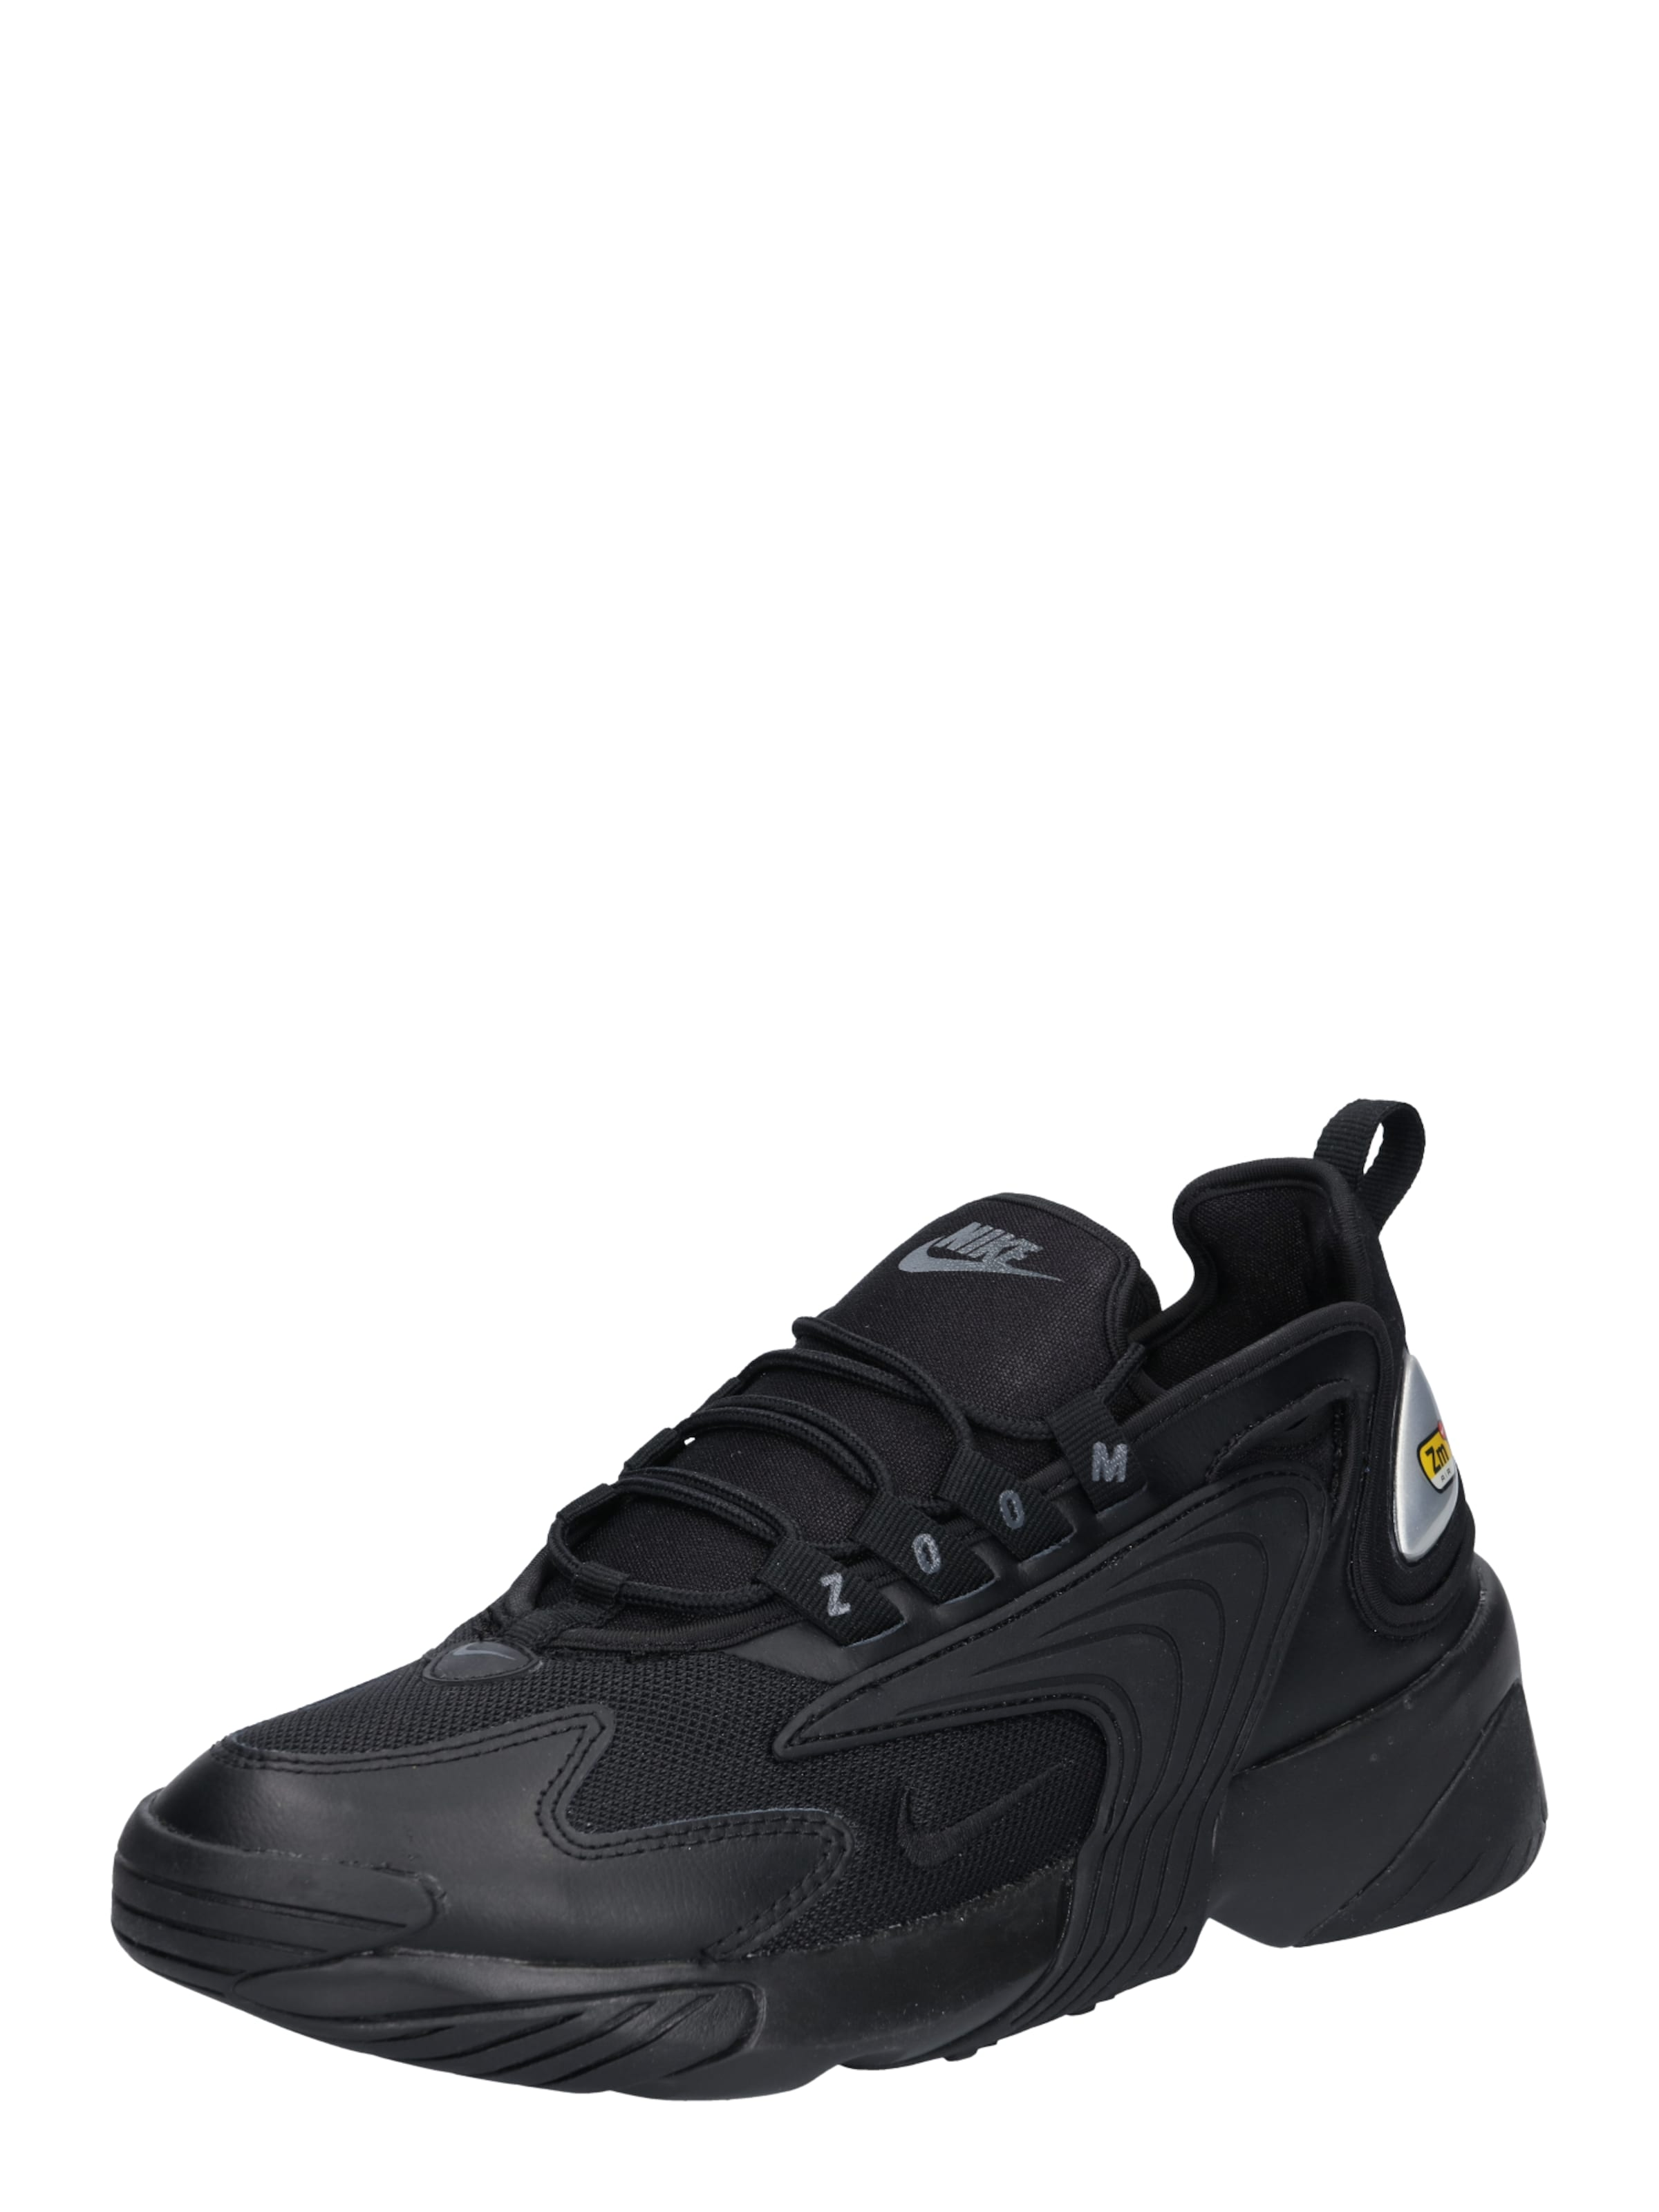 Sneaker Zoom Nike Schwarz 2k' 'nike Sportswear In FJ1KTlc